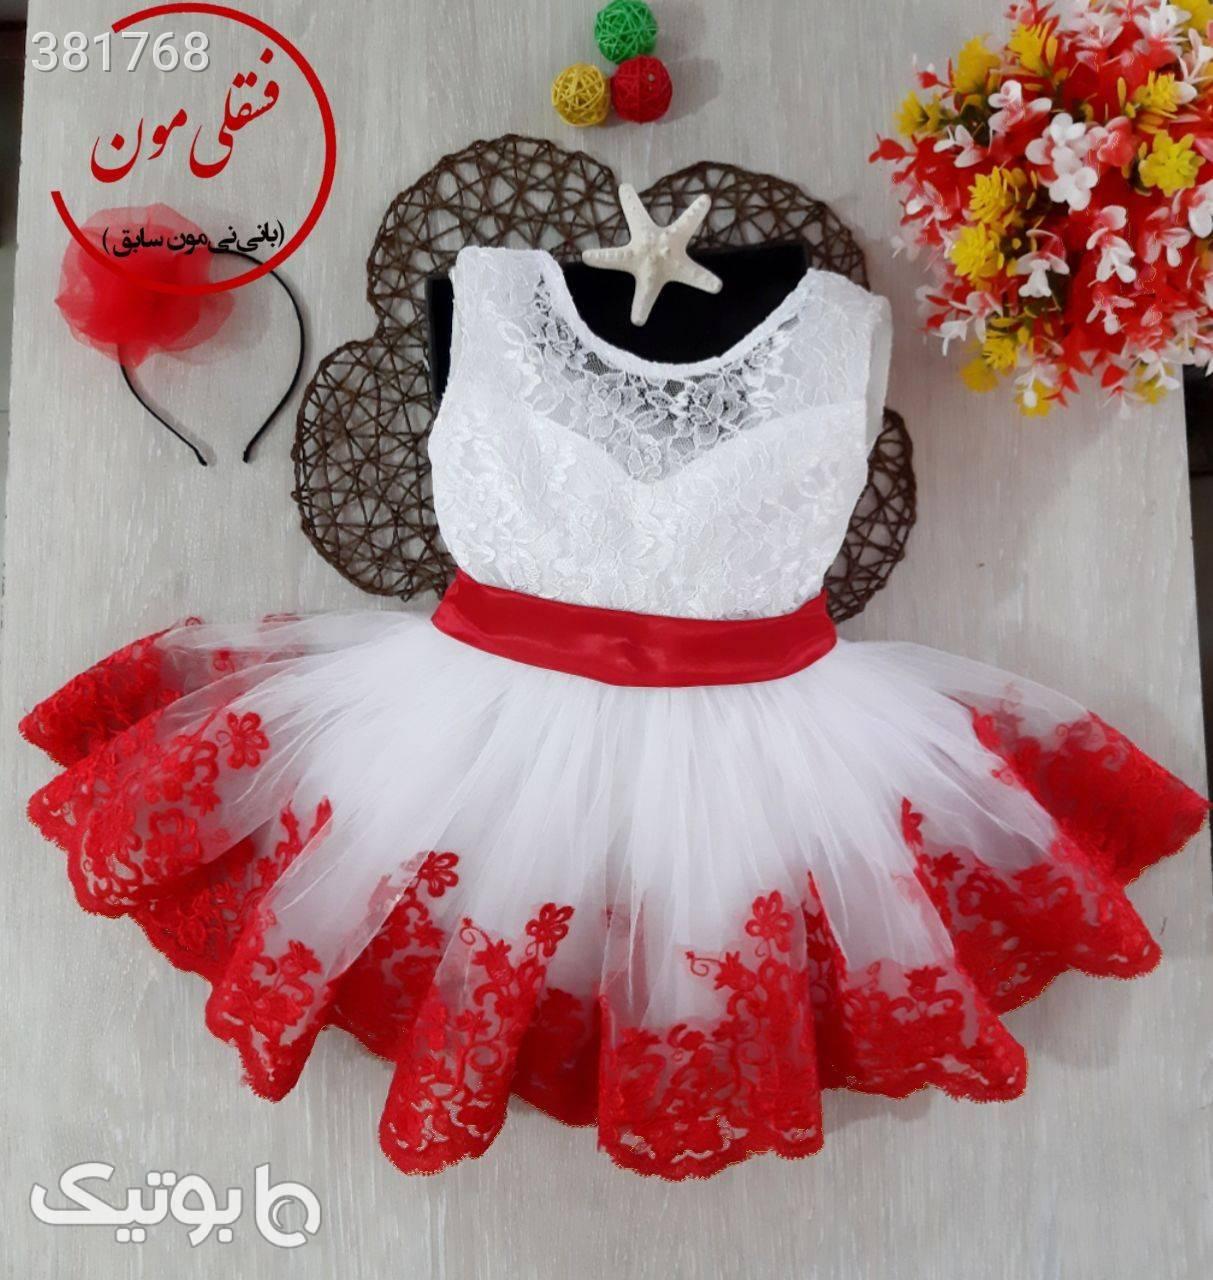 لباس عید دخترانه قرمز لباس کودک دخترانه